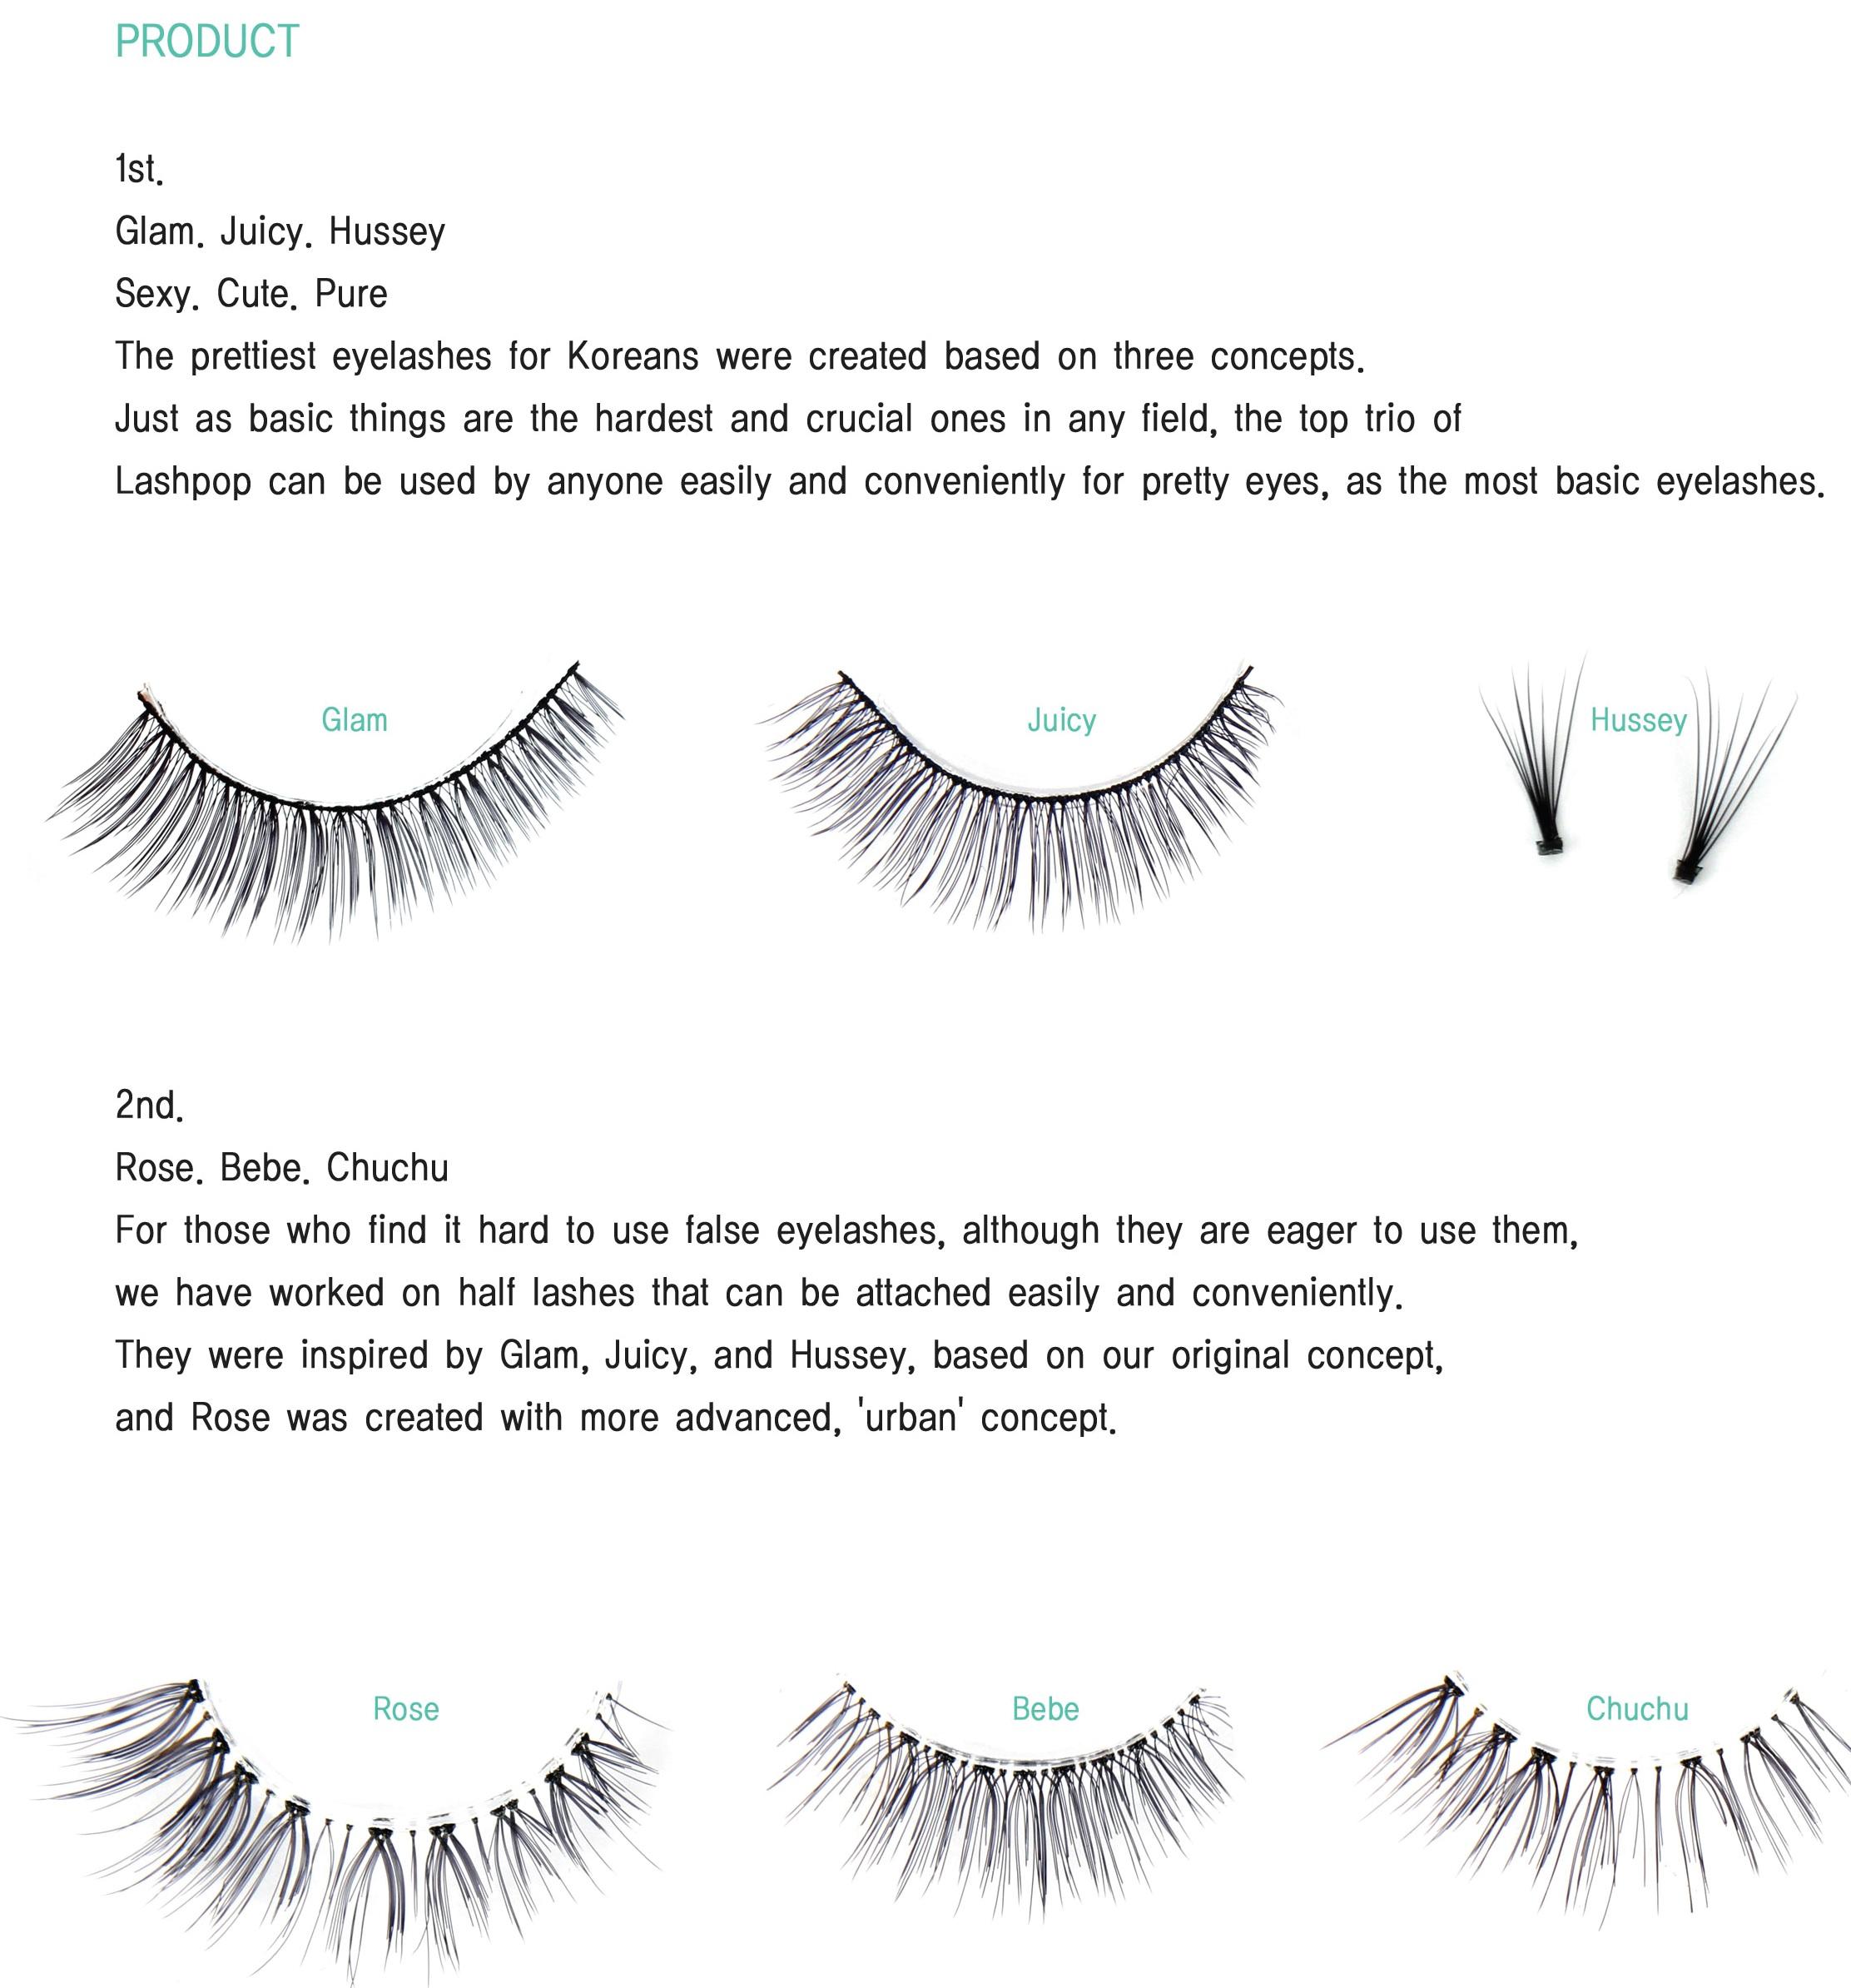 3c436faf2d6 Lashpop Eyelash - 2nd | skinmell